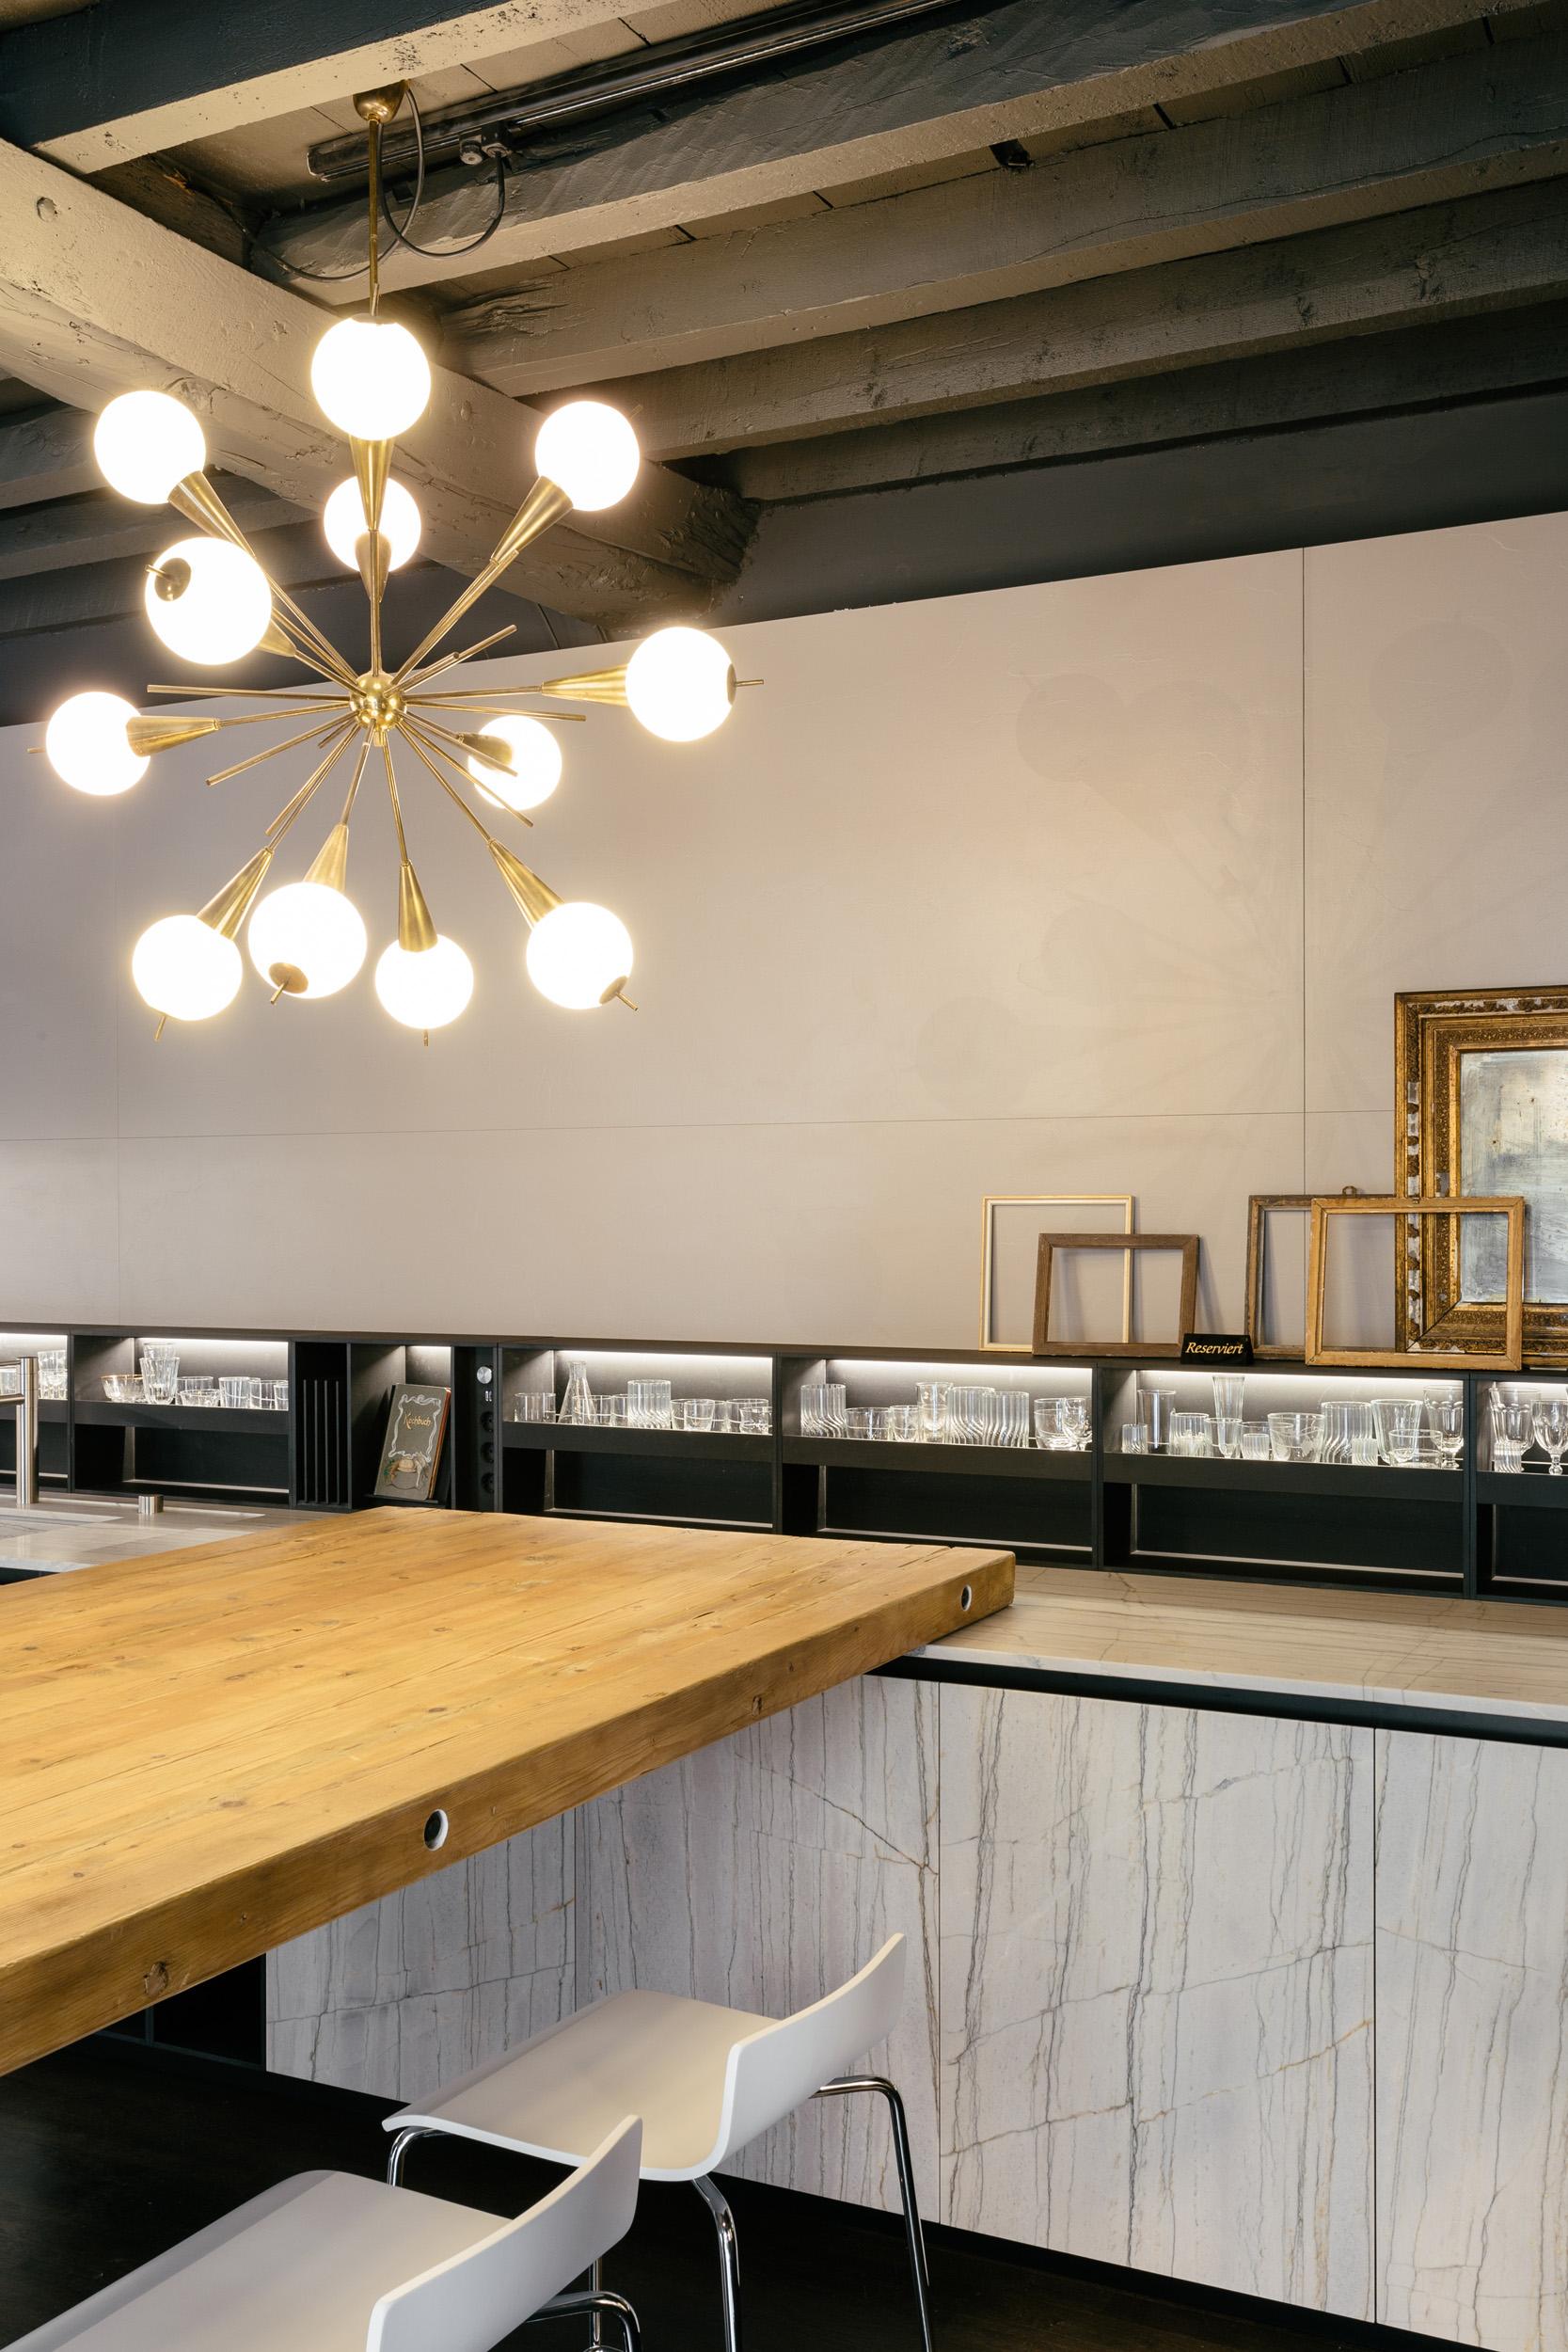 Le novit boffi 2015 al fuorisalone for Boffi bagni prezzi